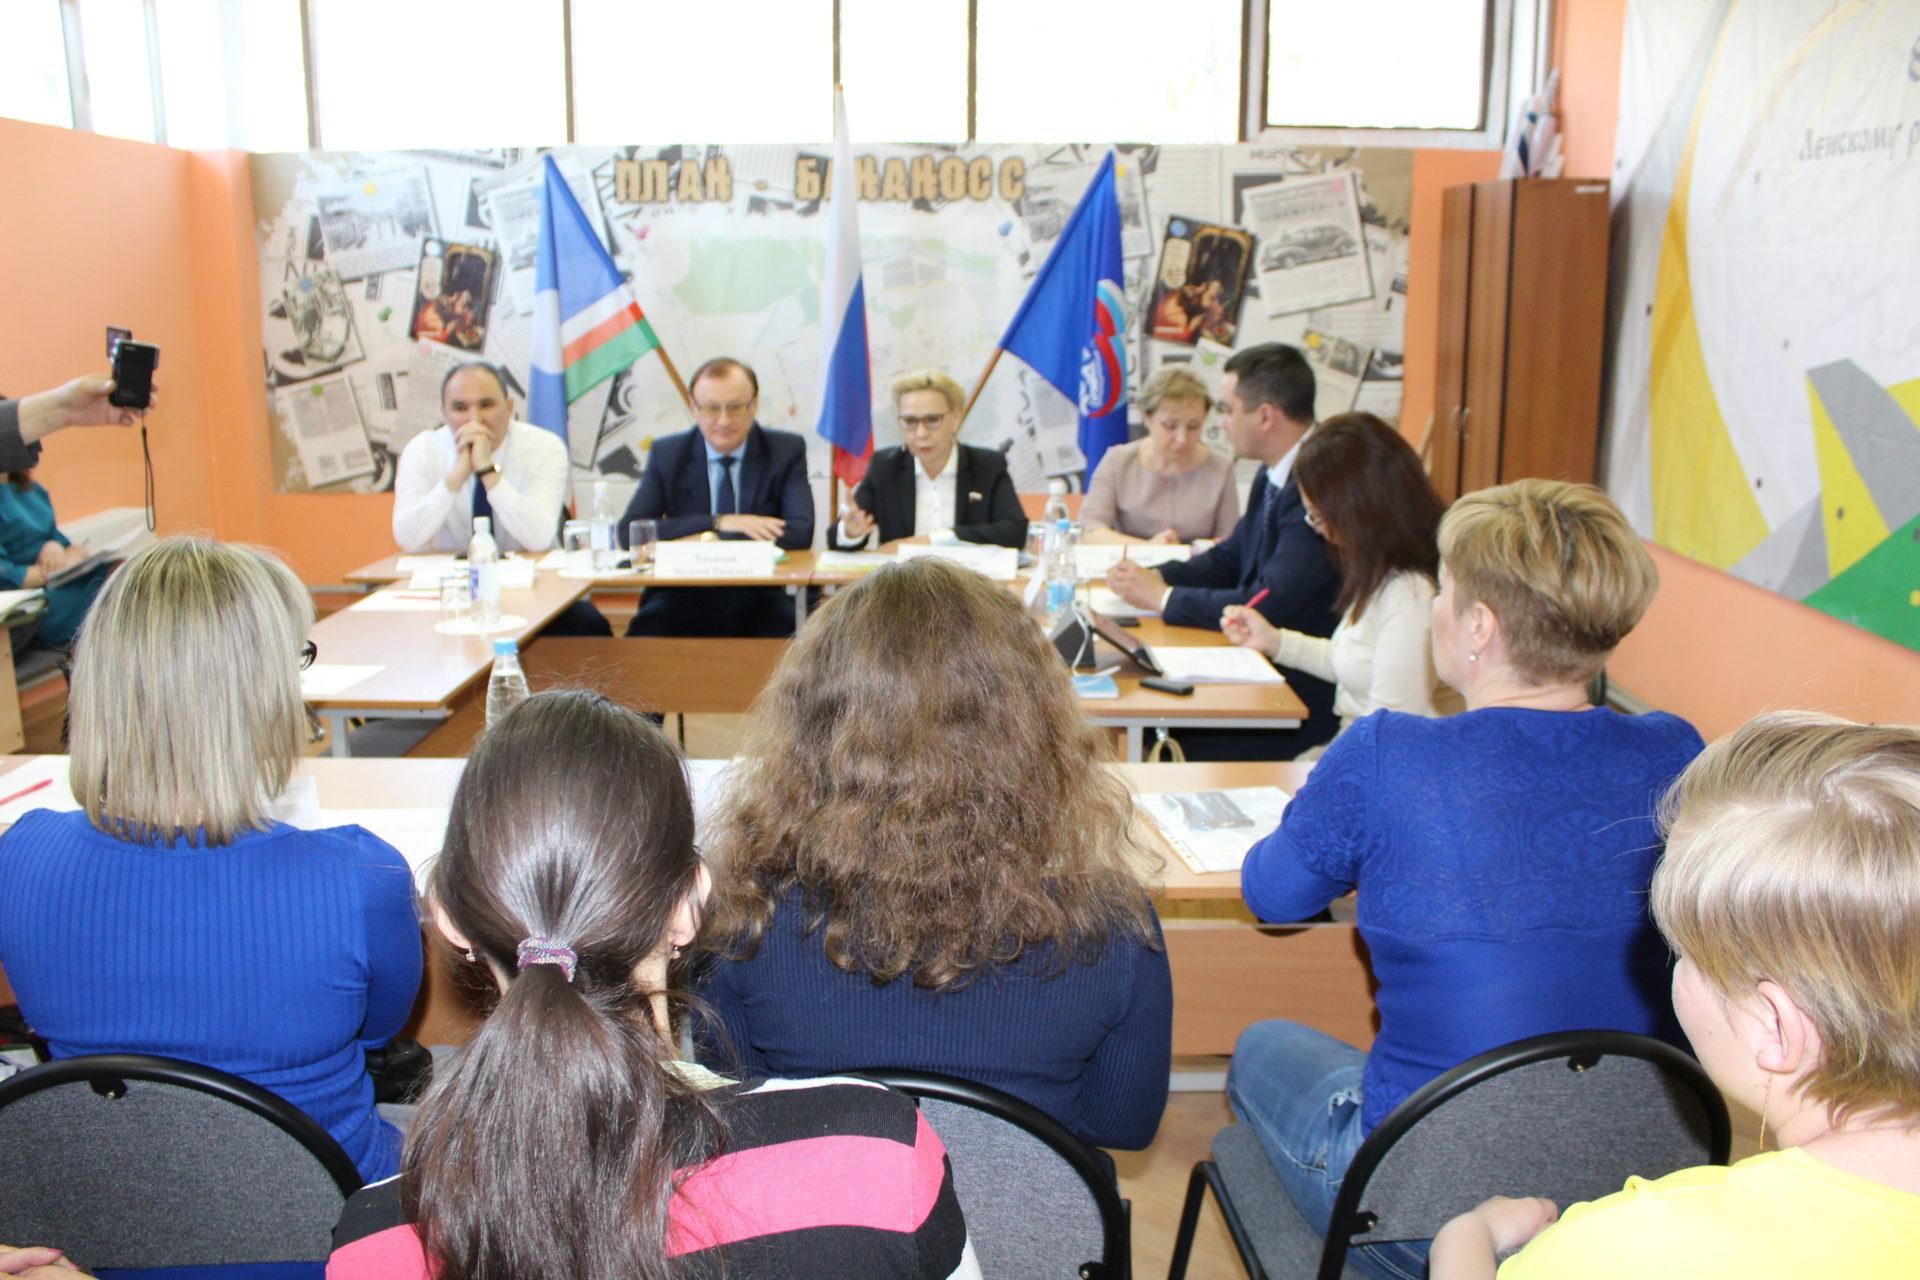 Галина Данчикова провела  личный прием  граждан  в Ленске